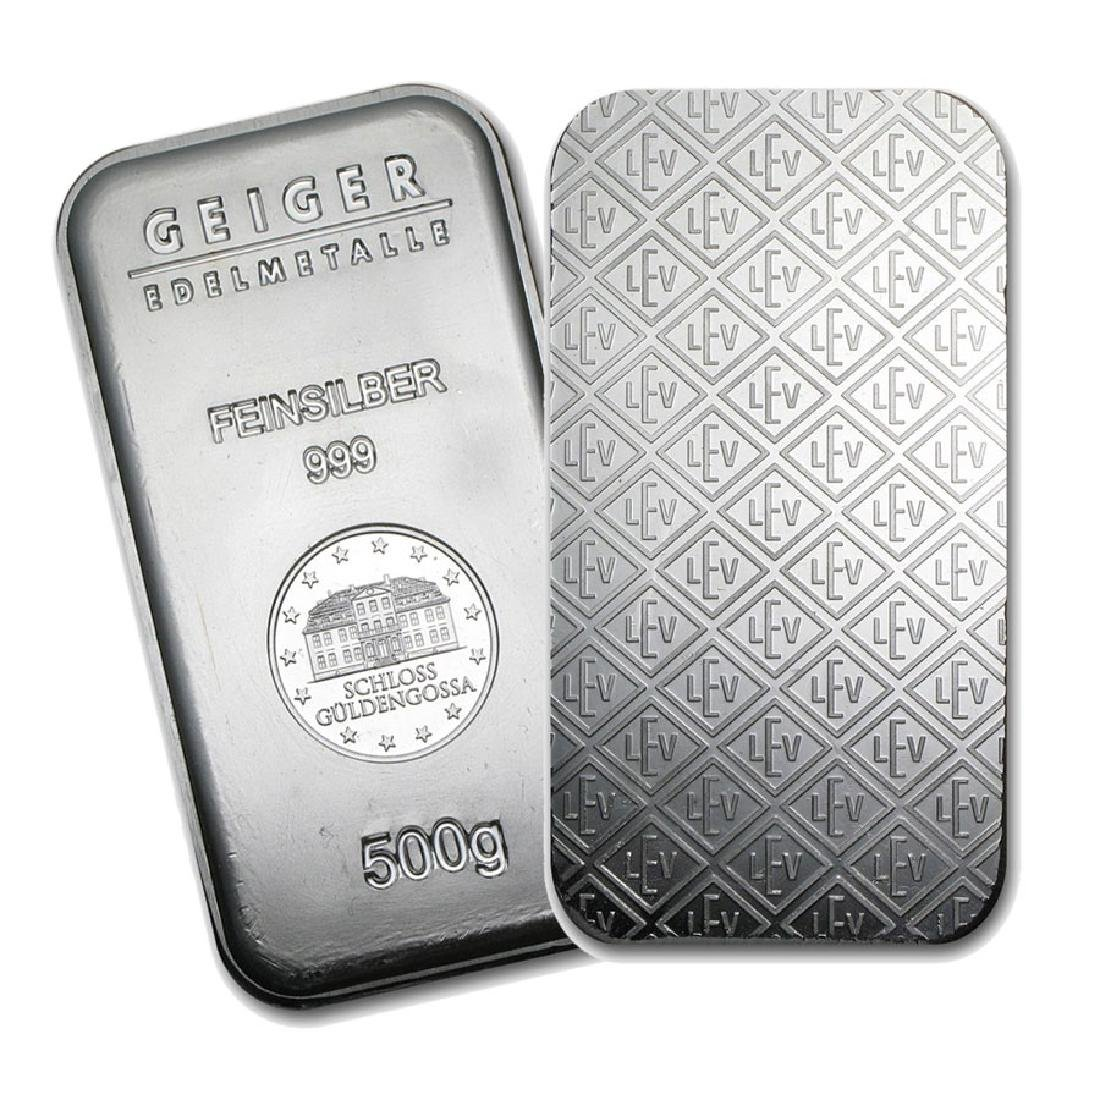 One piece 500 gram 0.999 Fine Silver Bar Geiger